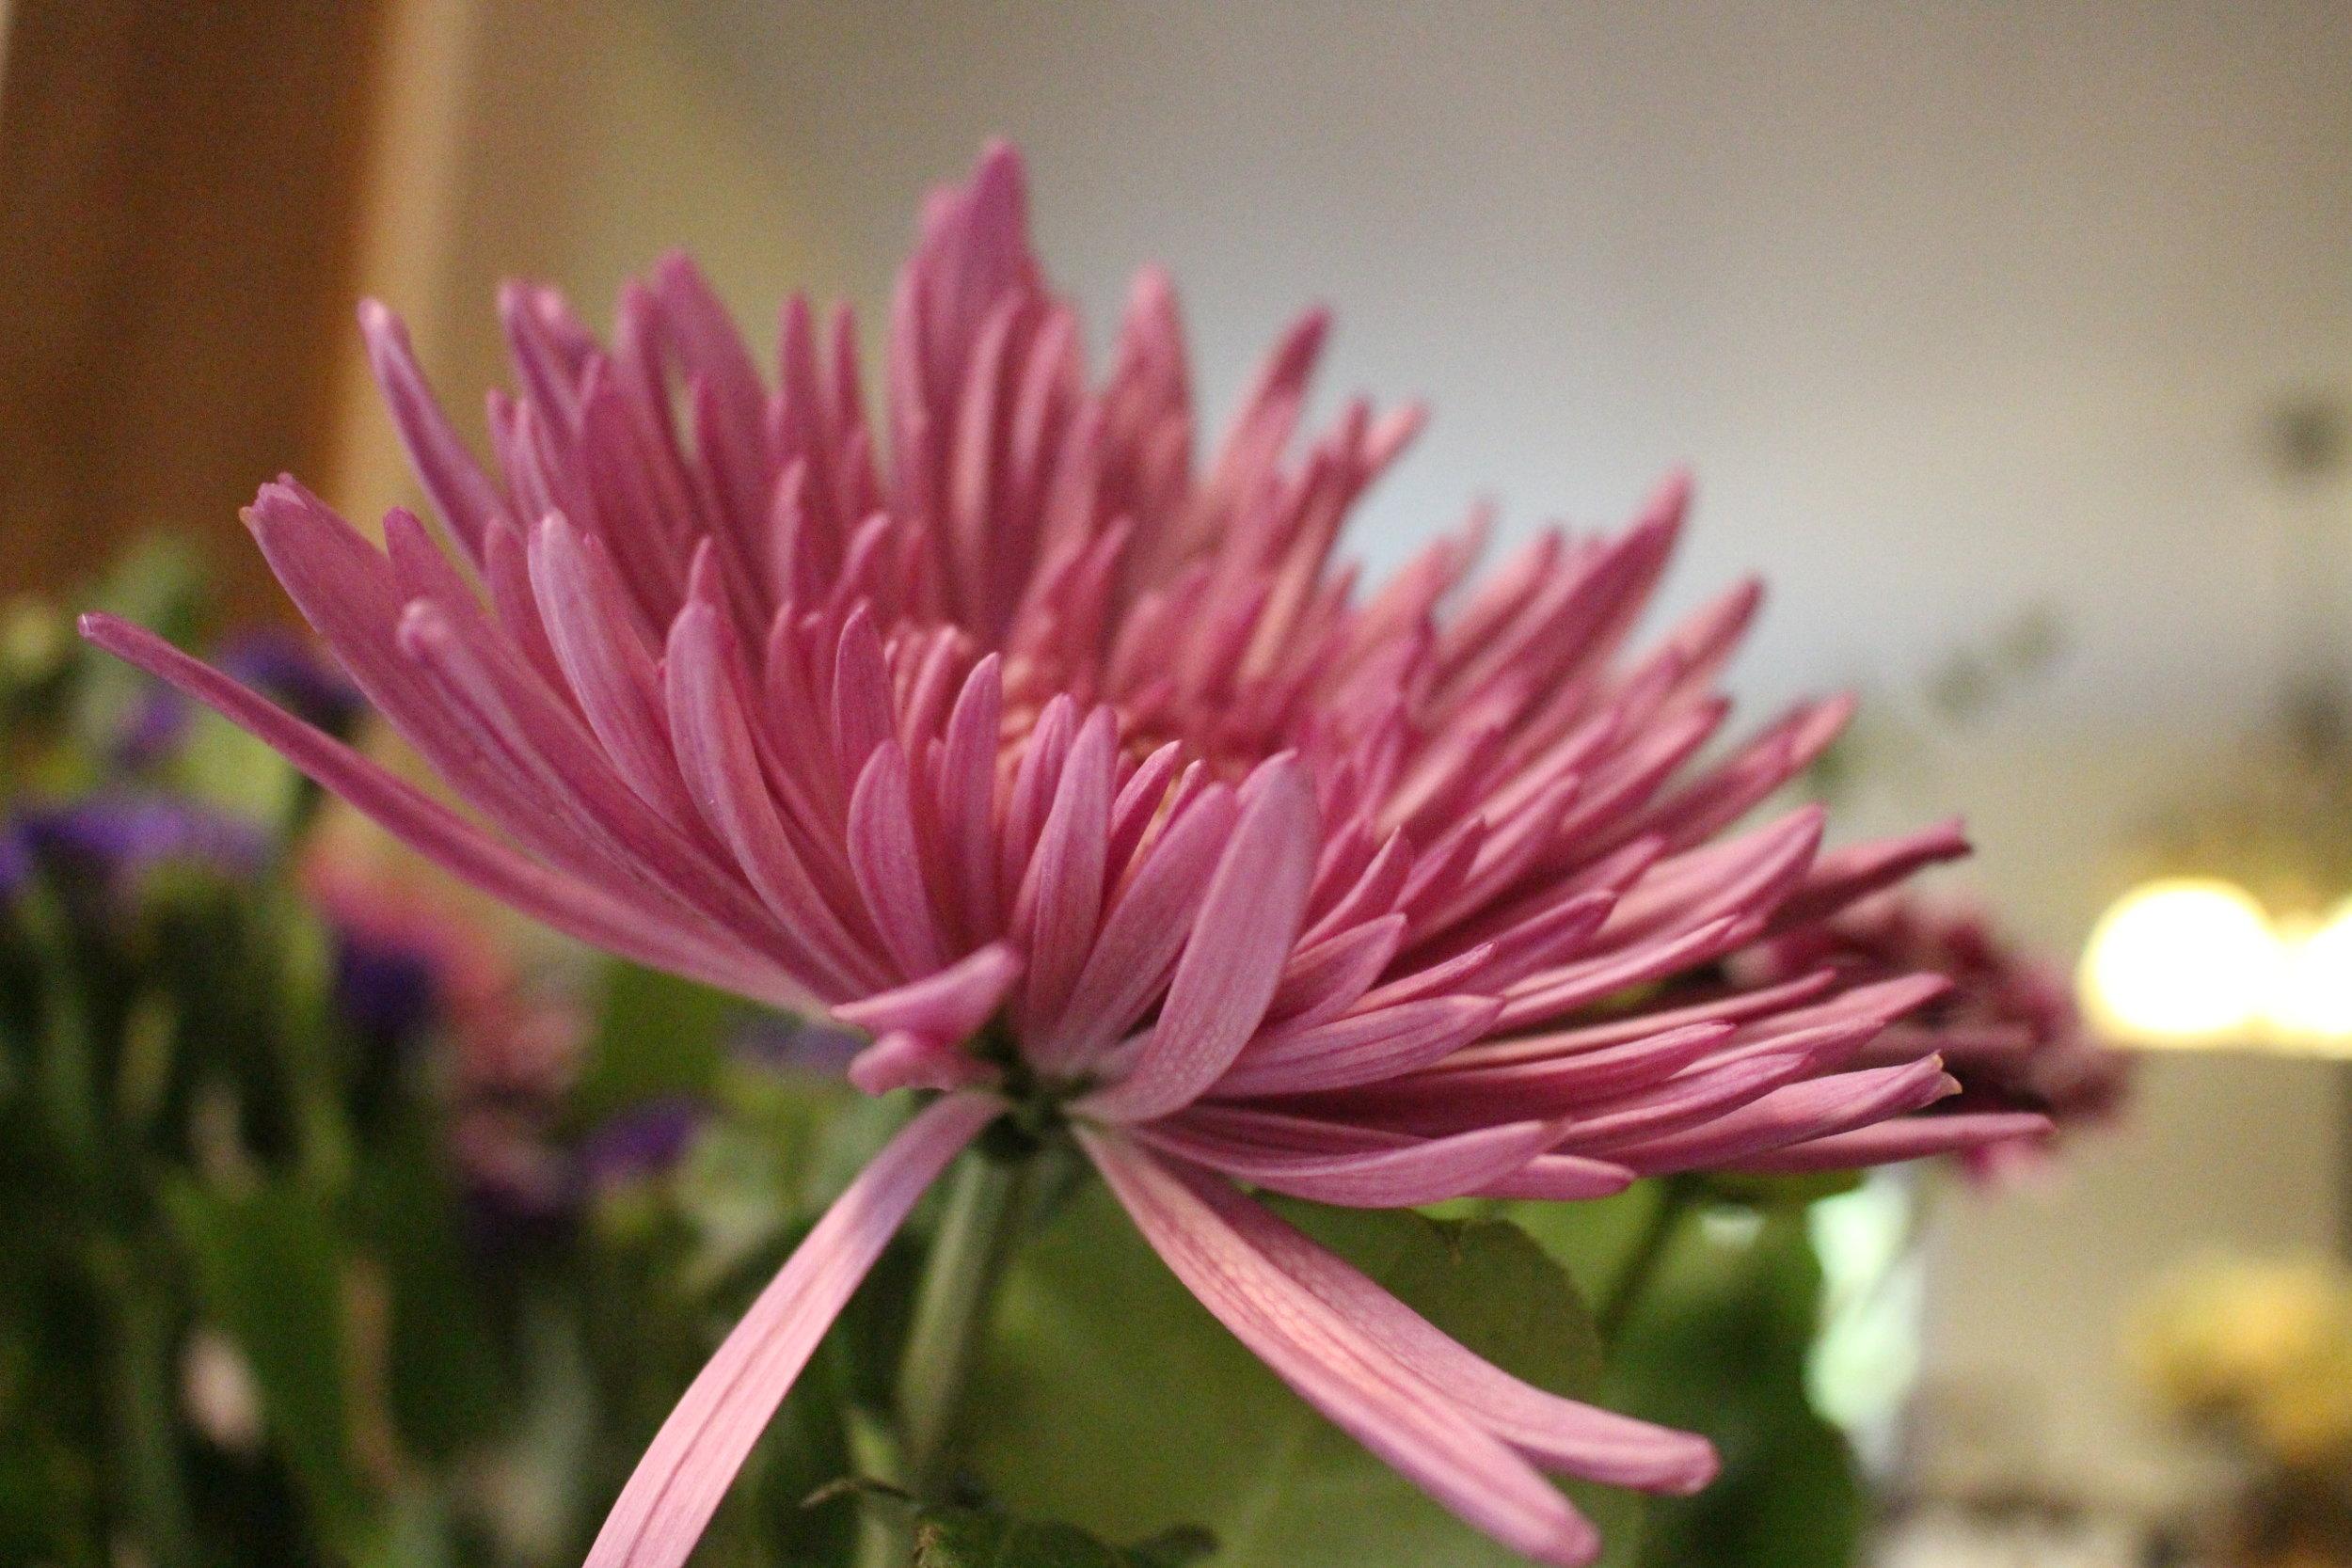 #117 Chrysanthemum,  Chrysanthemum  coronarium